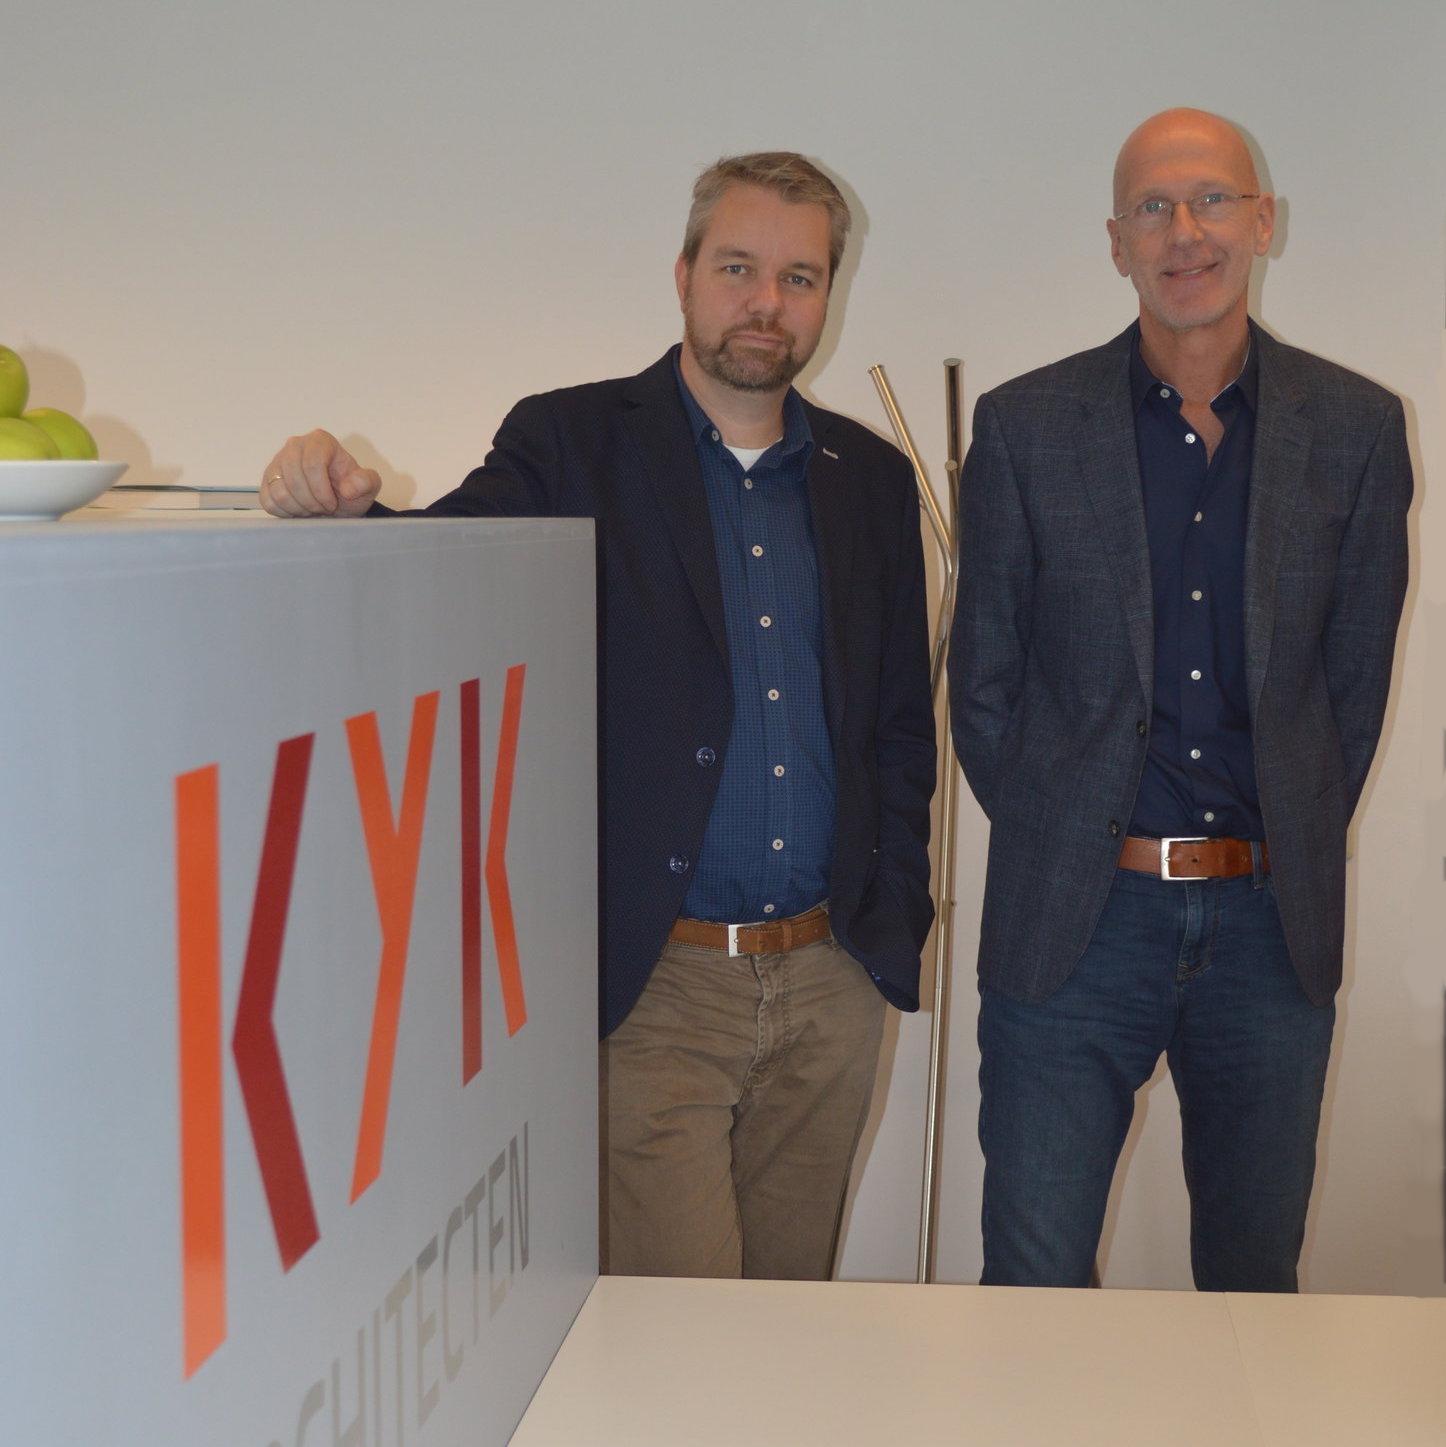 KYK architecten Capelle aan den IJssel